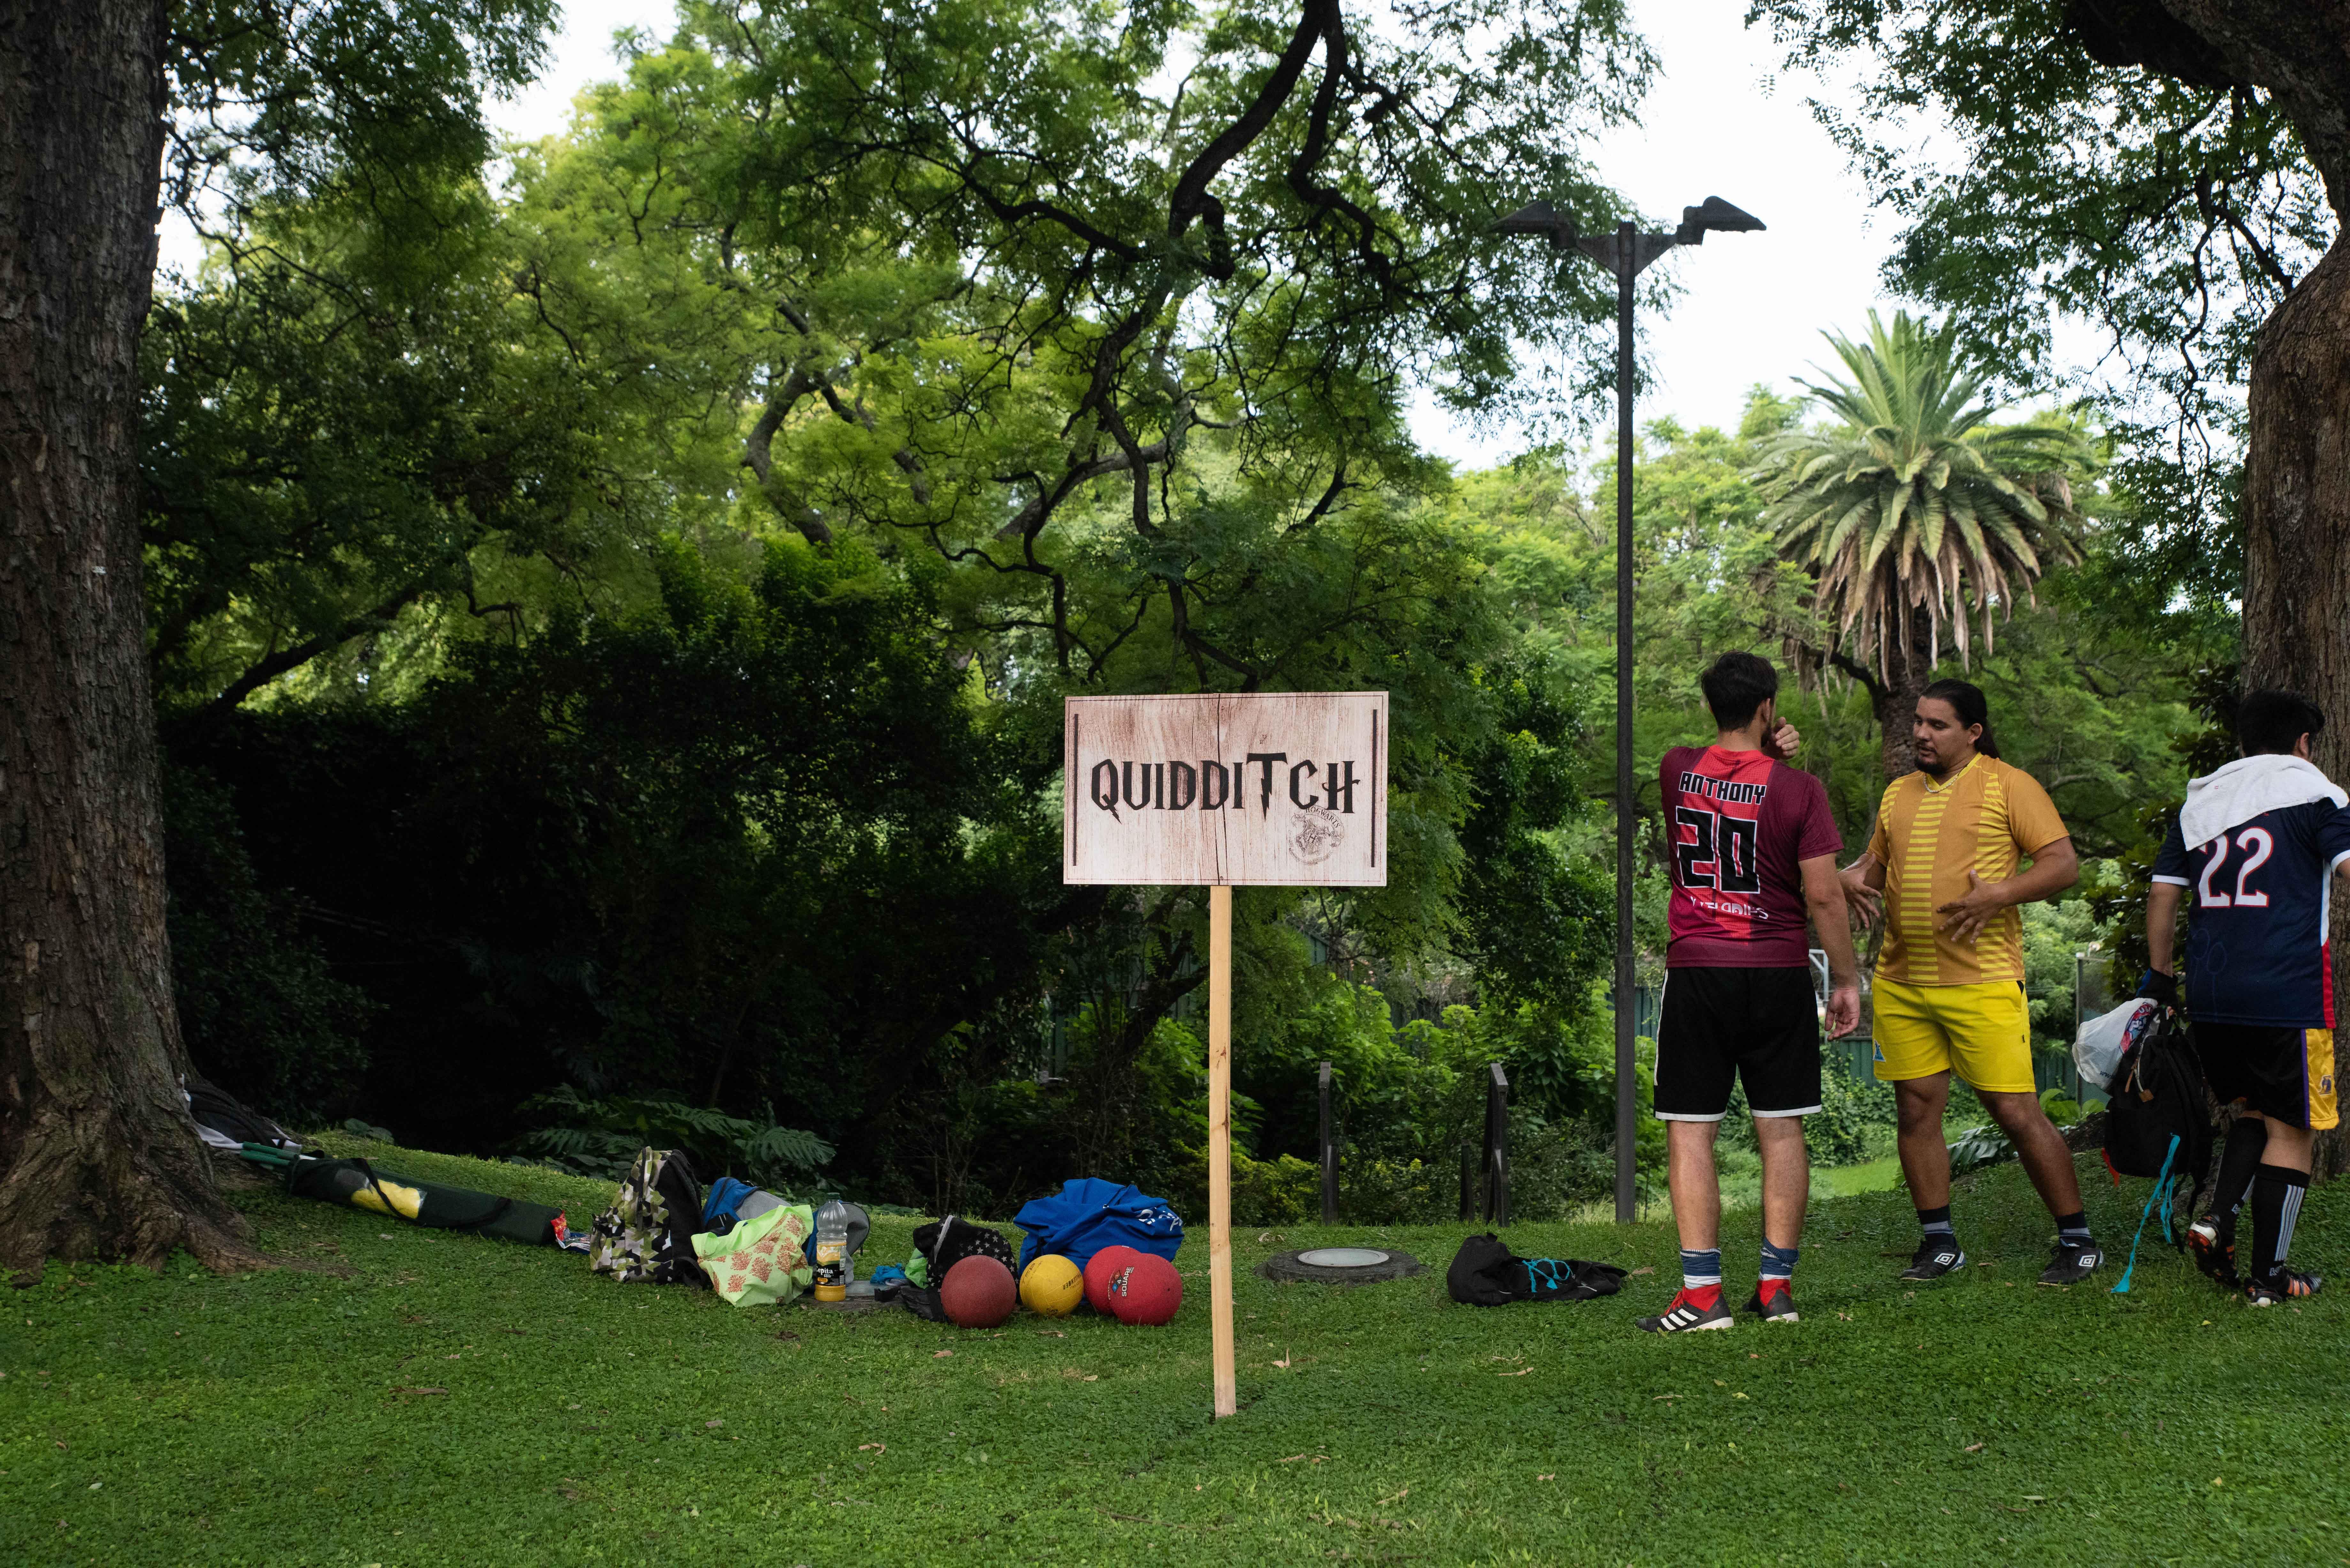 Los fans podían jugar al Quidditch, con miembros del equipo Dark Phoenix y Cumulus Nimbus